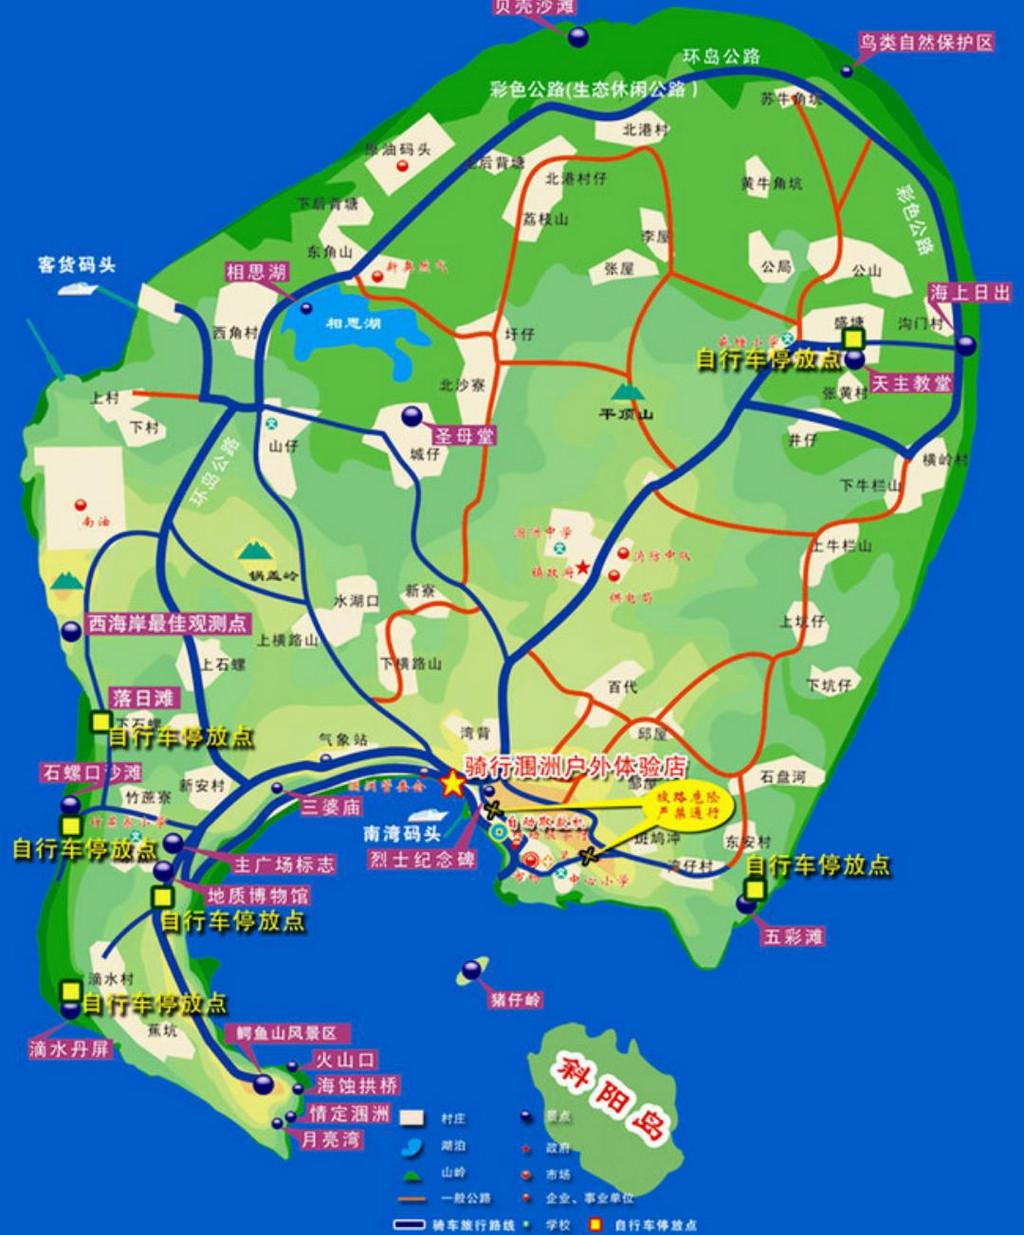 趁着侯船的时间赶紧上携程搜索涠洲岛地图开始想选270度海景房的酒店